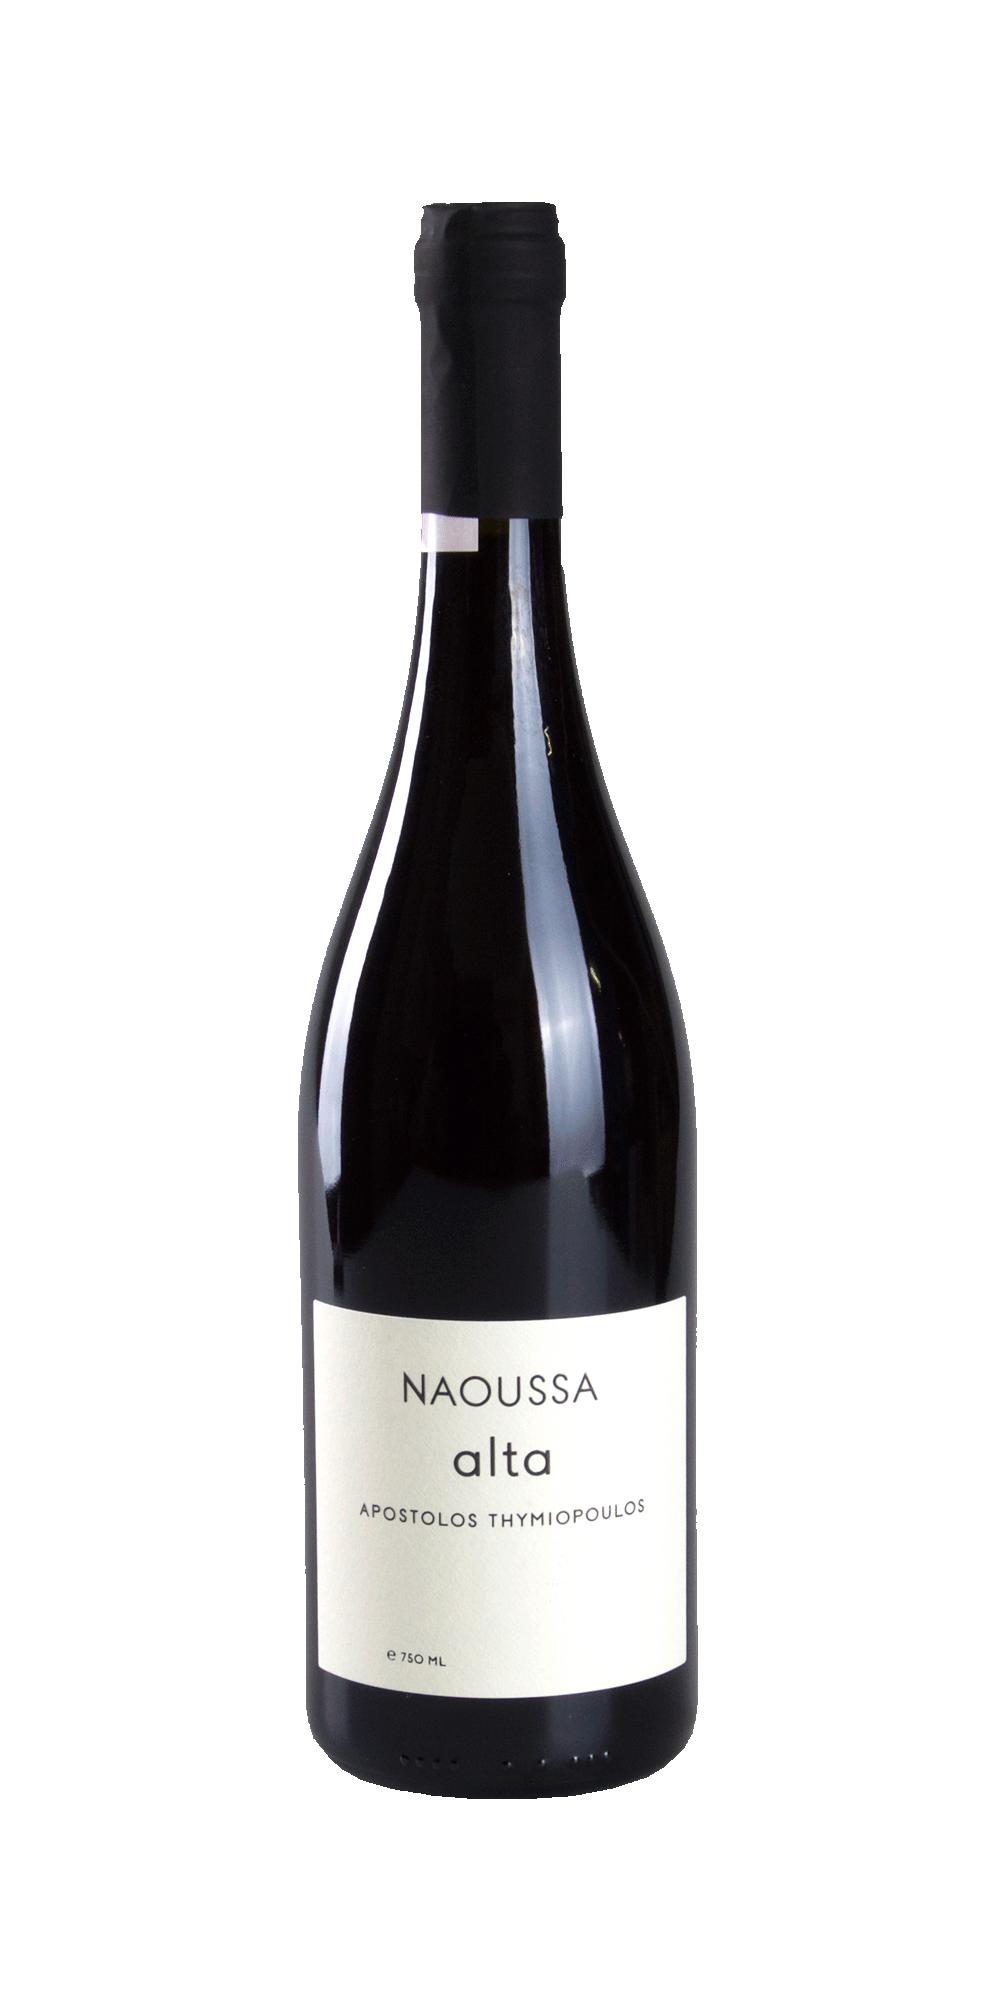 Naoussa Alta 2018